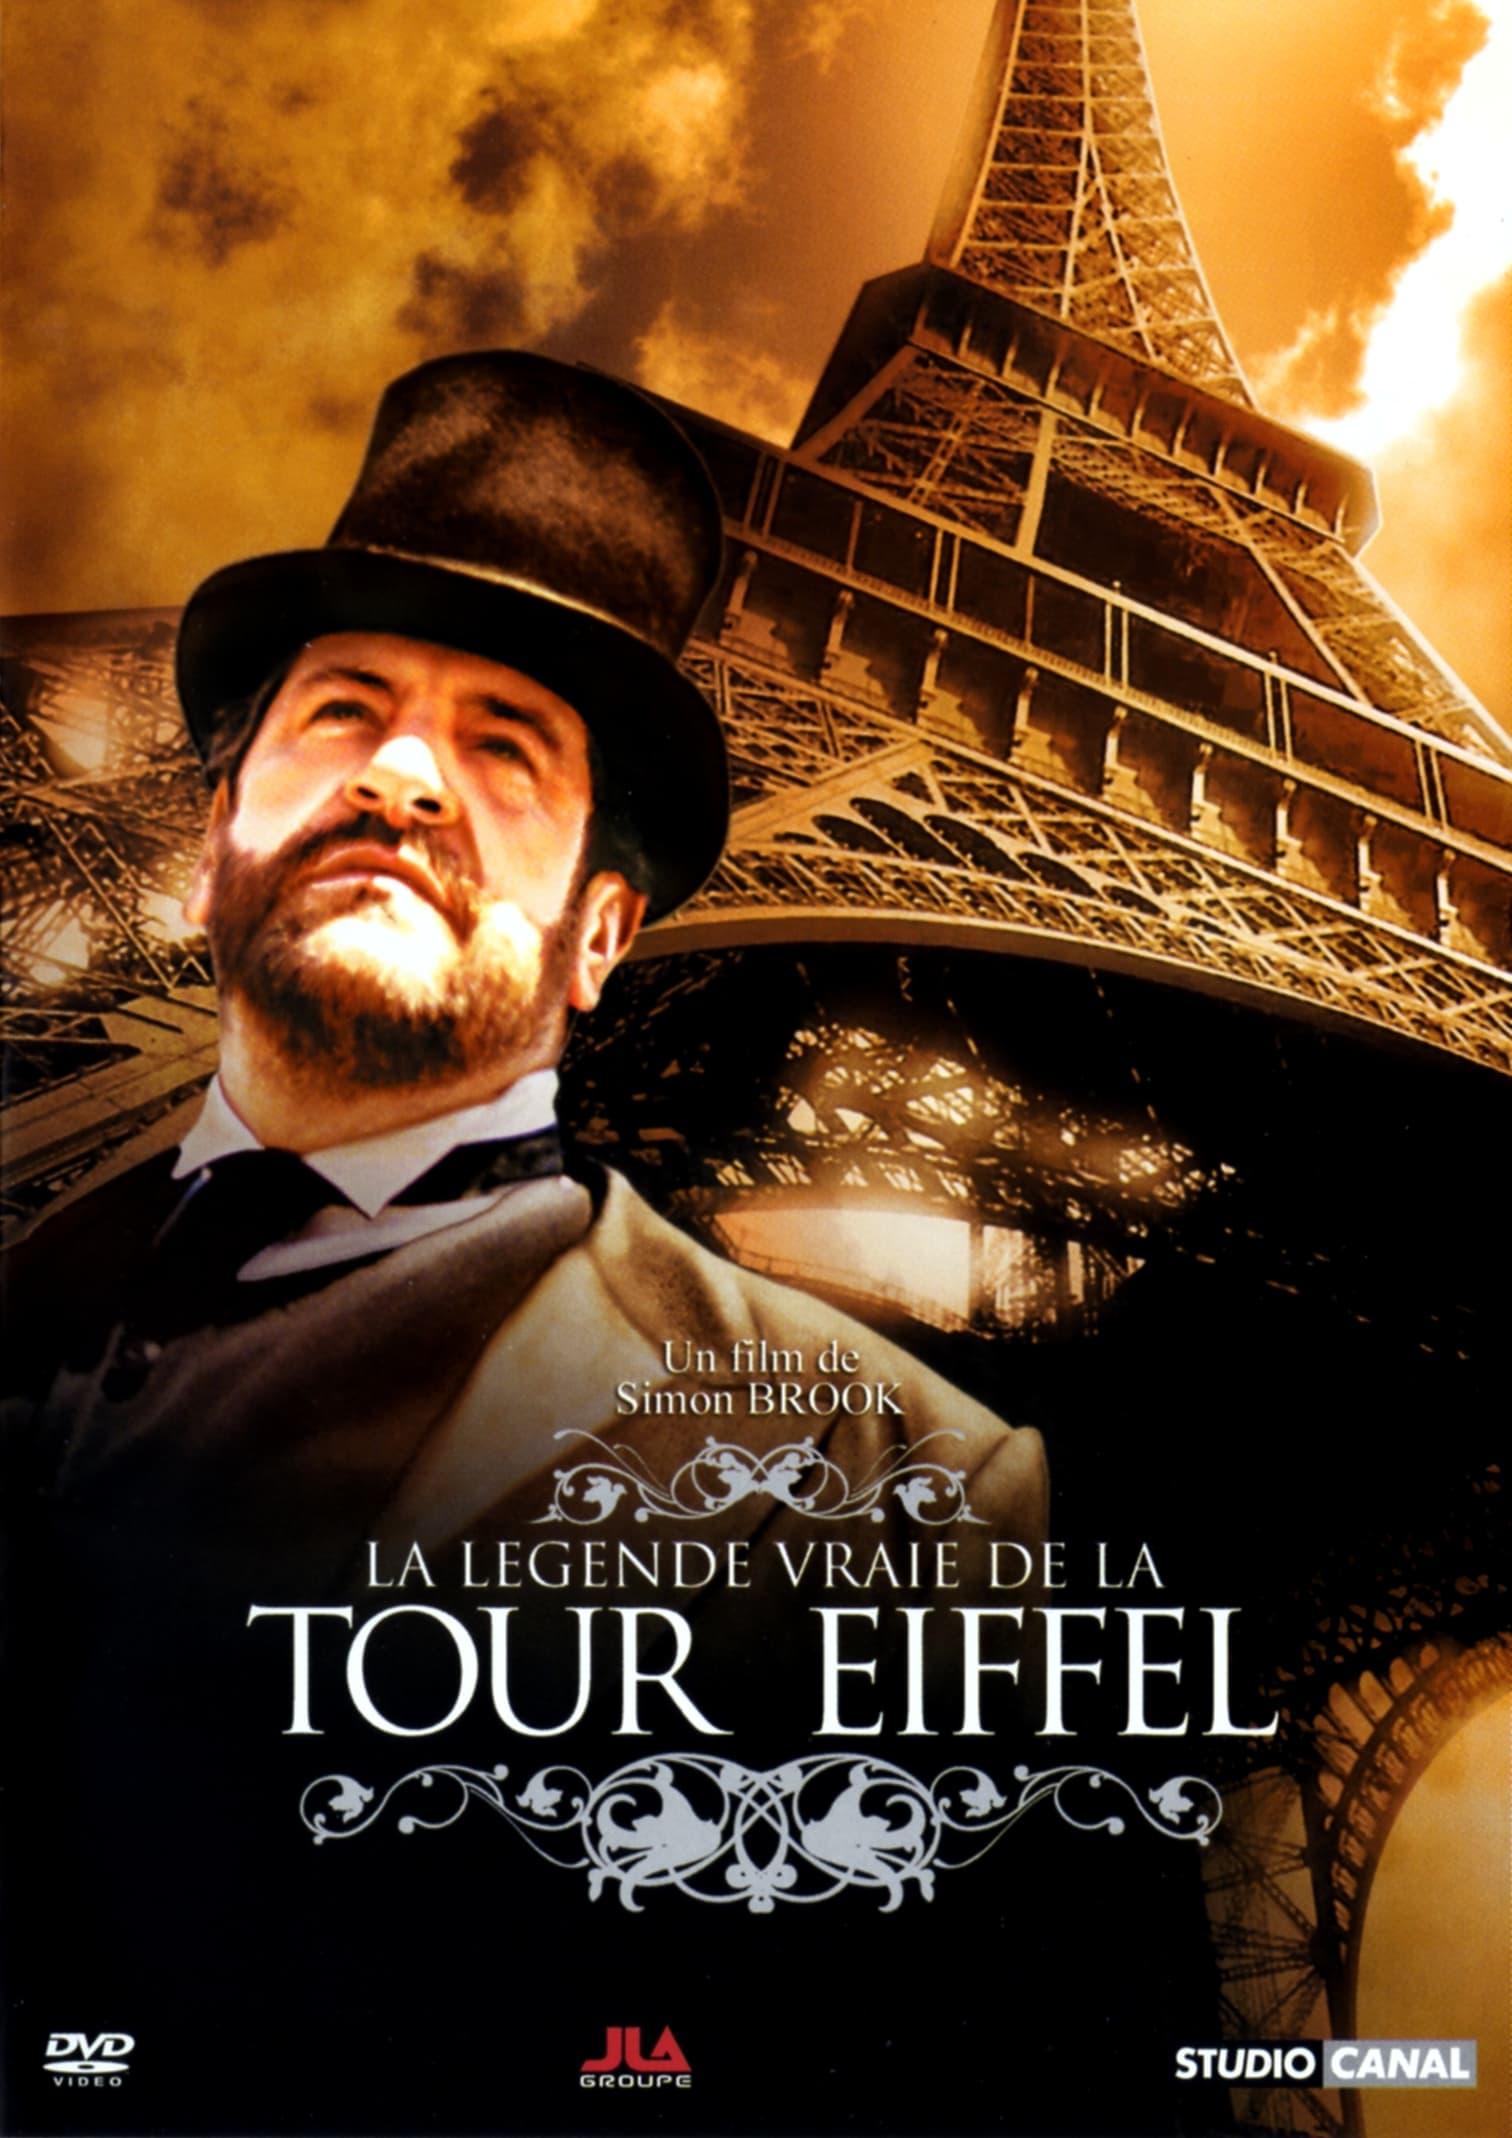 Der Turm des Monsieur Eiffel